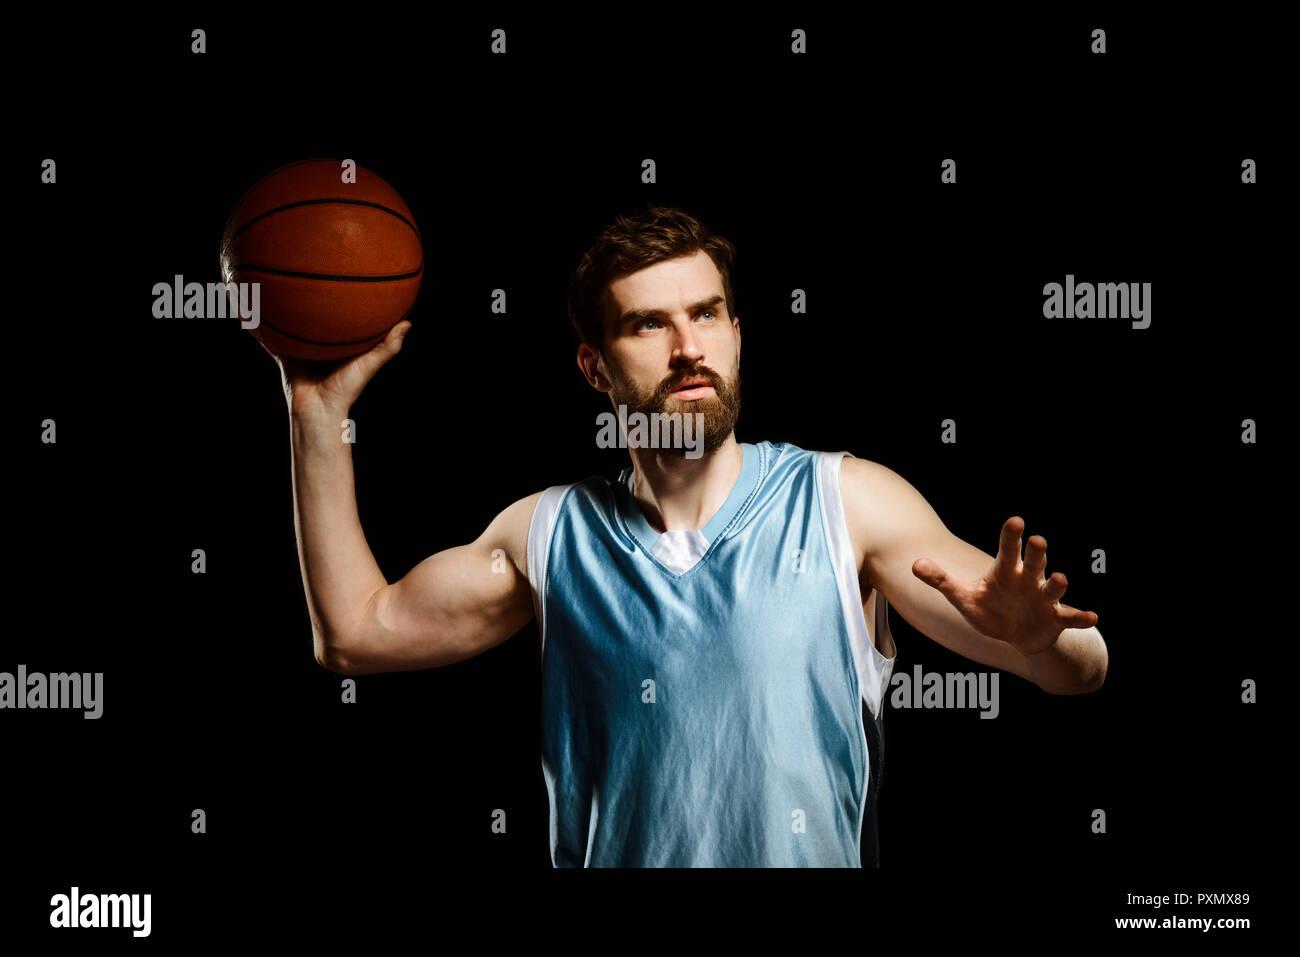 Handsome basketball player shooting ball Stock Photo